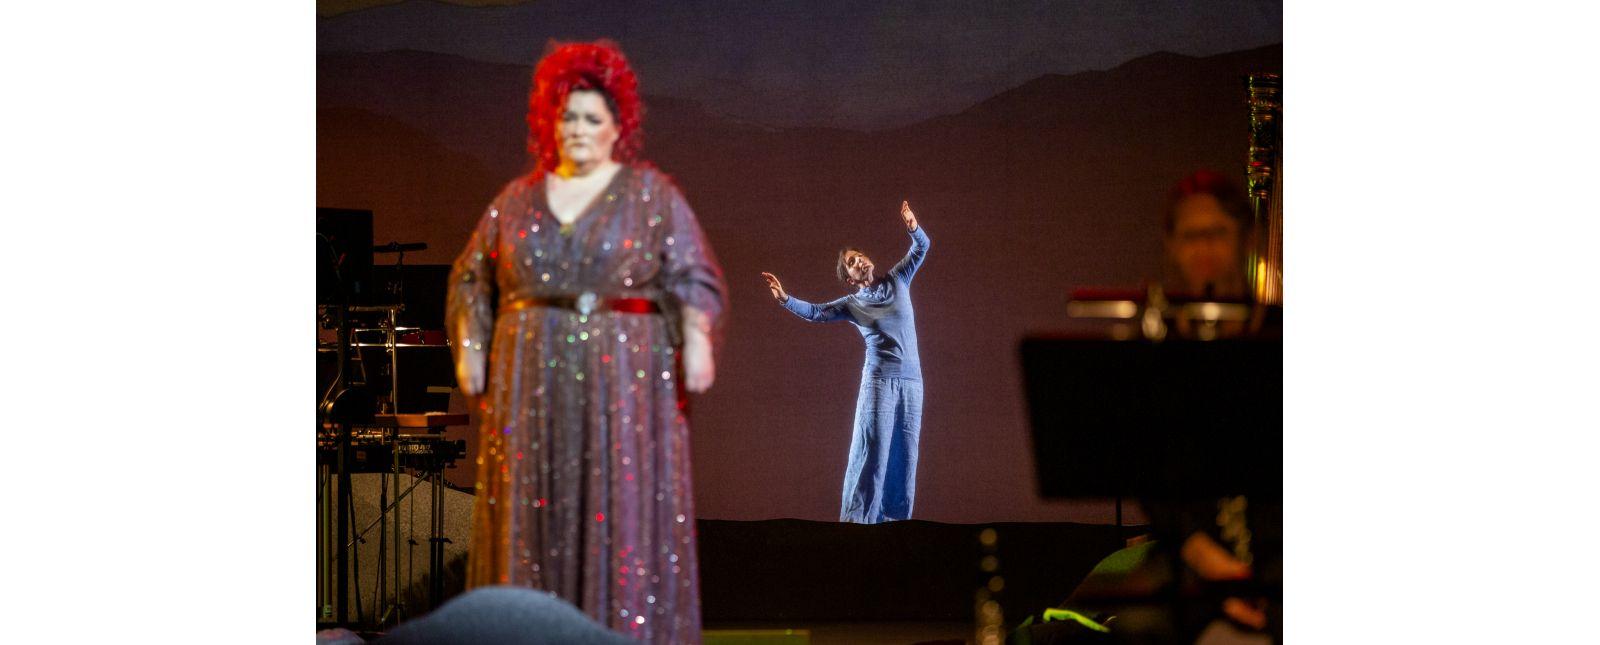 ICH BIN DER WELT ABHANDEN GEKOMMEN // Anja Jung / Maria Pires / Mitglieder des Philharmonischen Orchesters Freiburg // 2020 // Rainer Muranyi